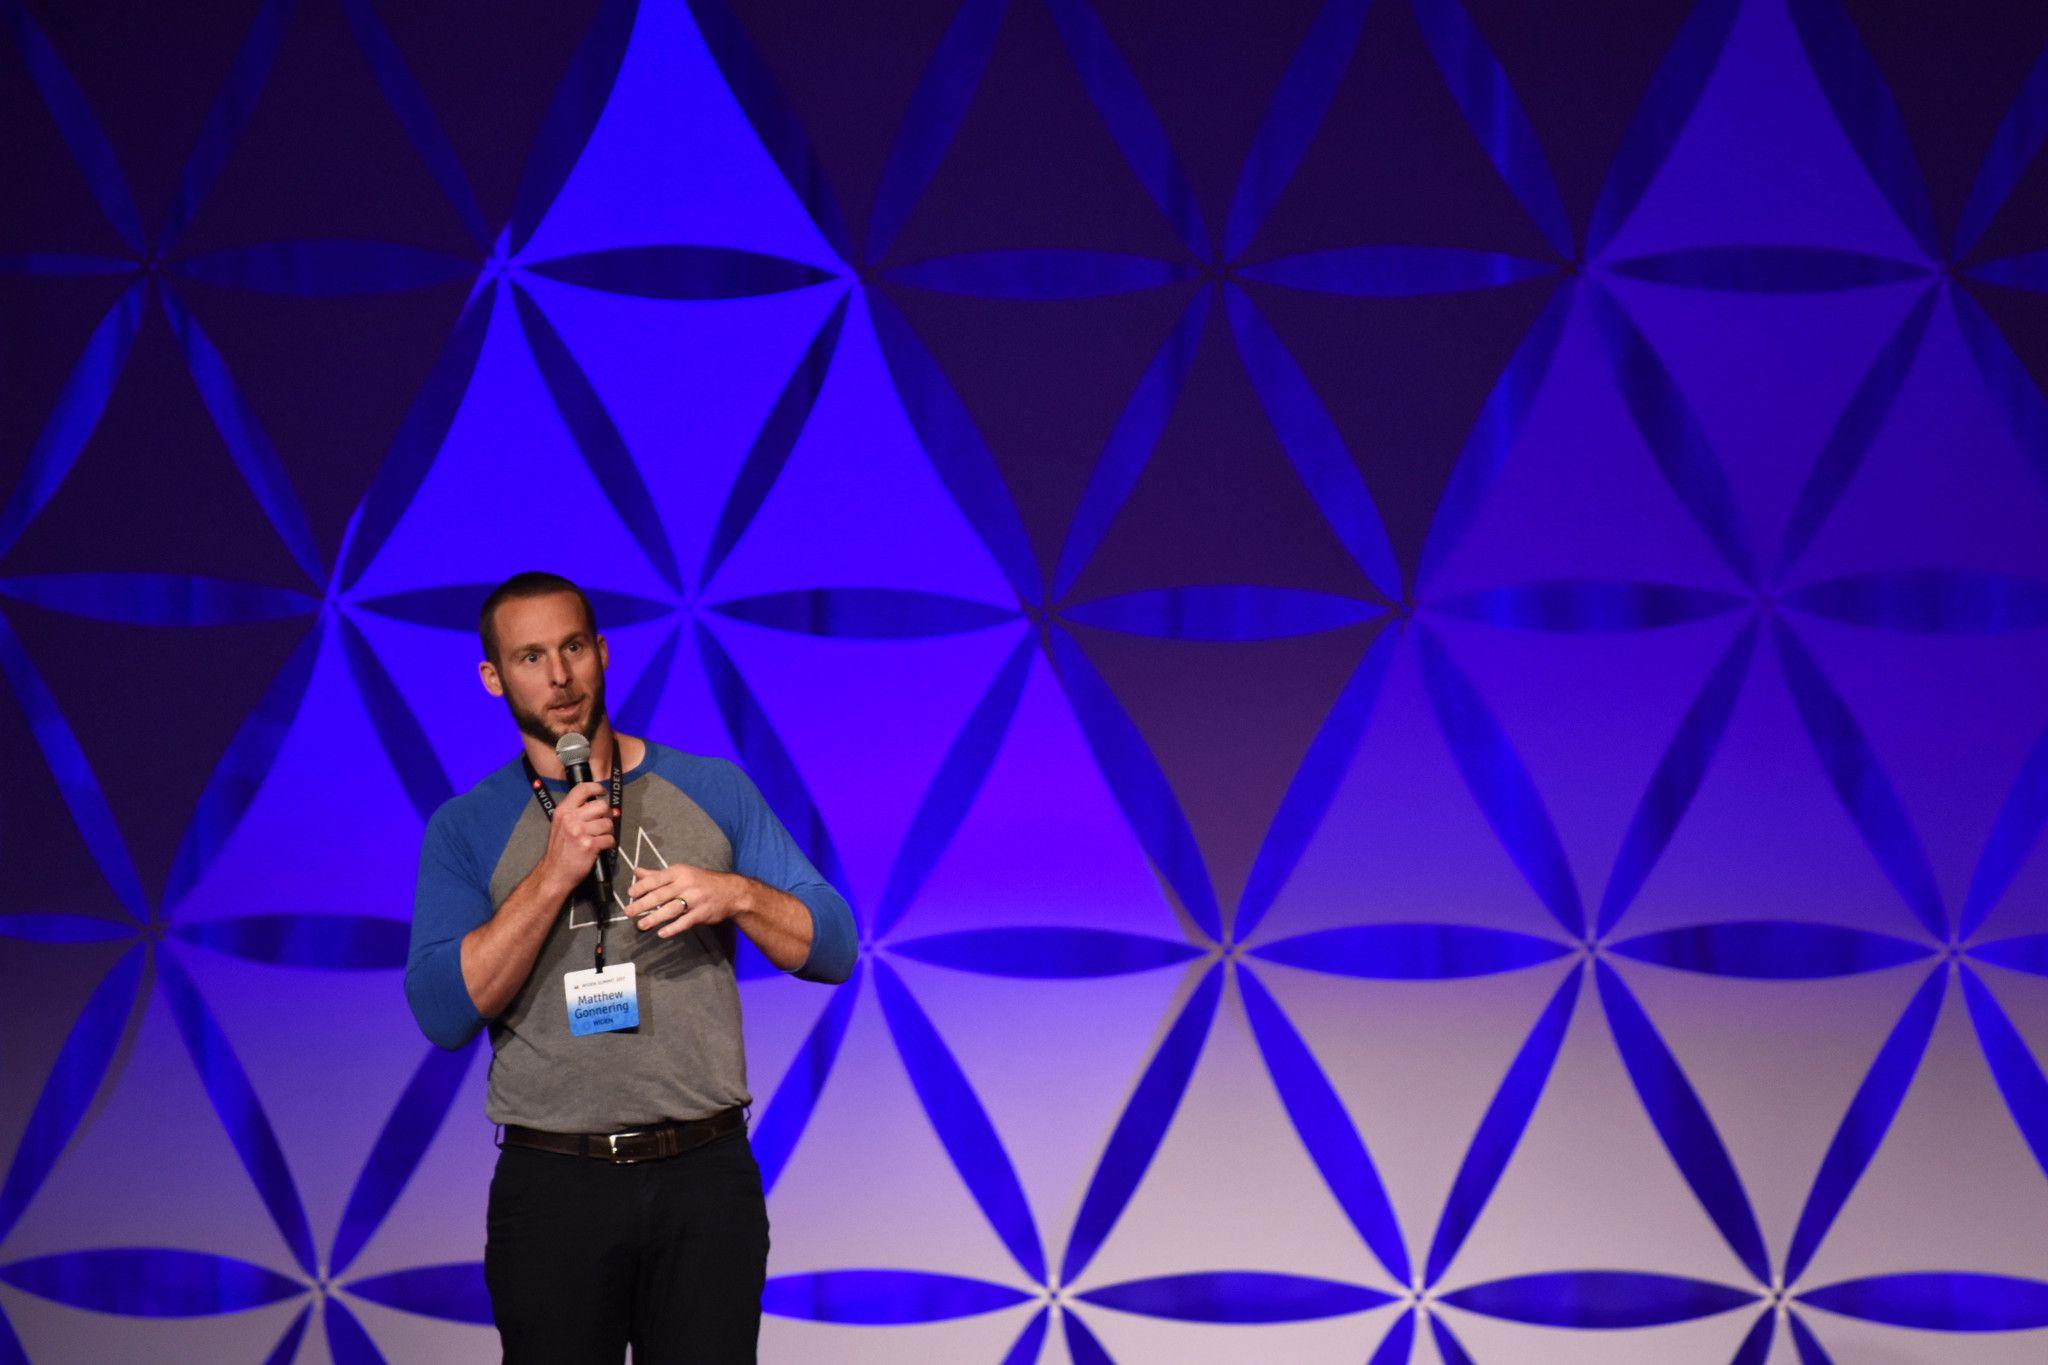 Widen Summit Matthew Gonnering speaks about radical focus